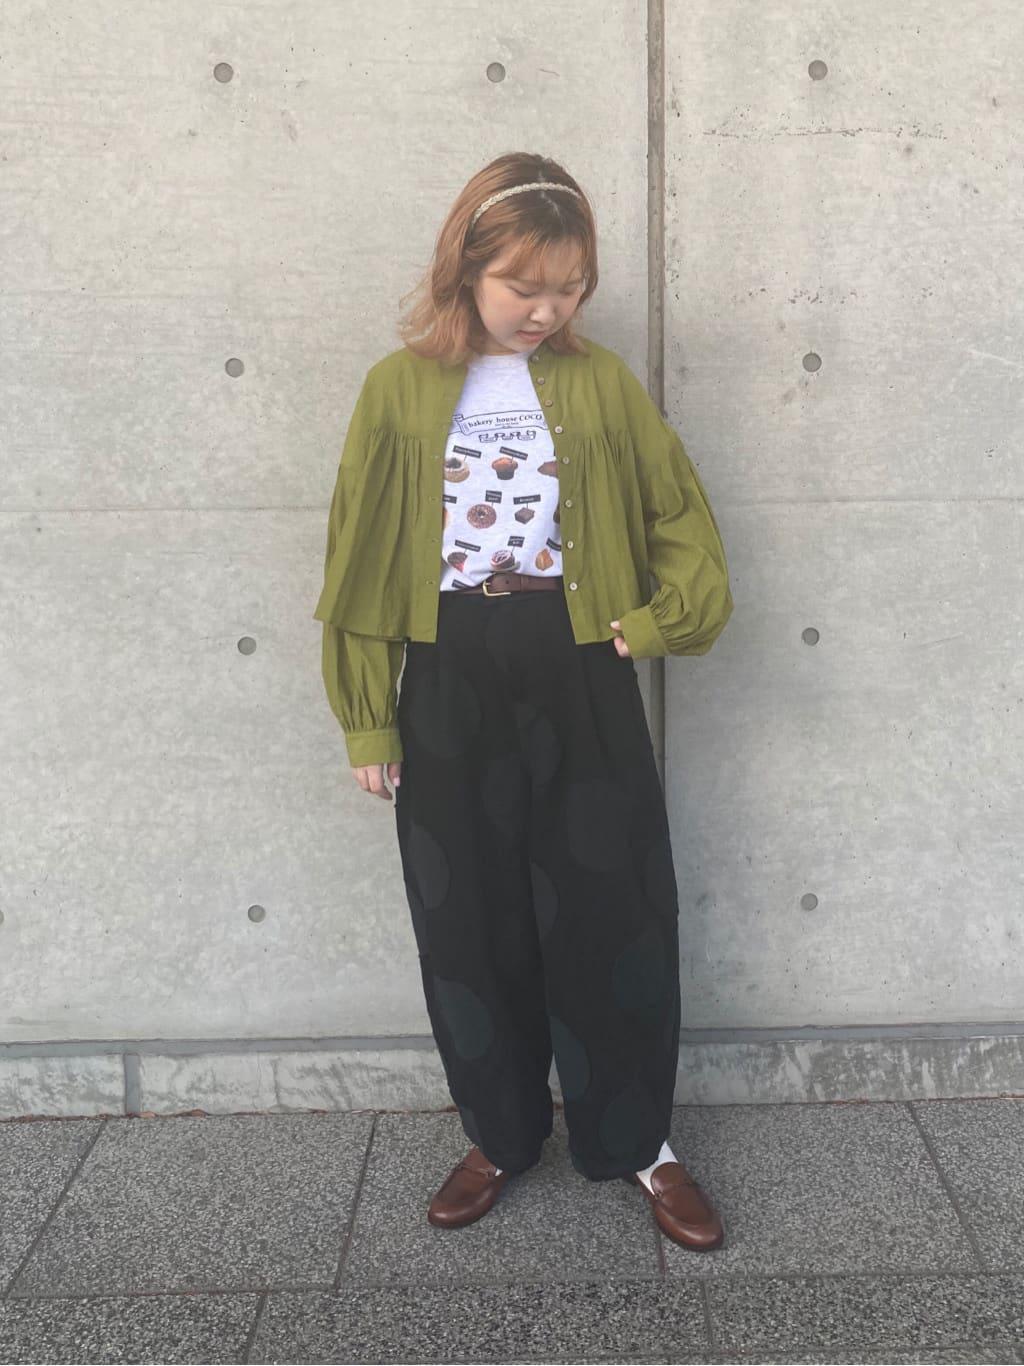 l'atelier du savon 東京スカイツリータウン・ソラマチ 身長:154cm 2021.08.12